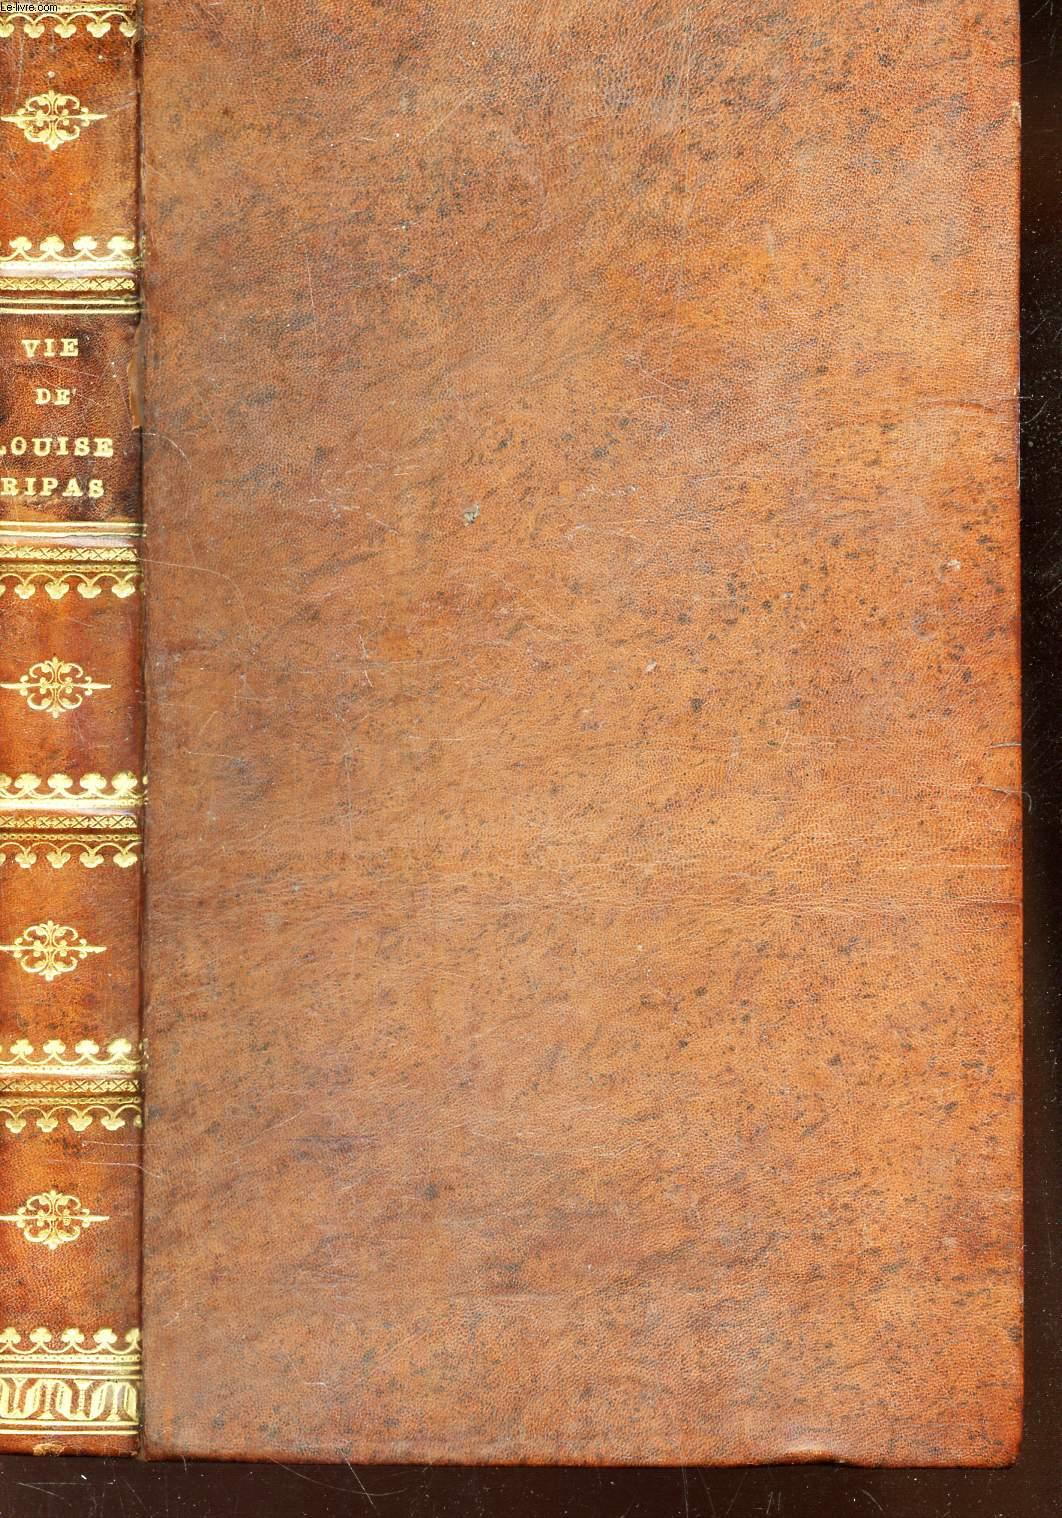 VIE DE LOUISE RIPAS - RECIT D'UN TEMOIN - 1858-1895.